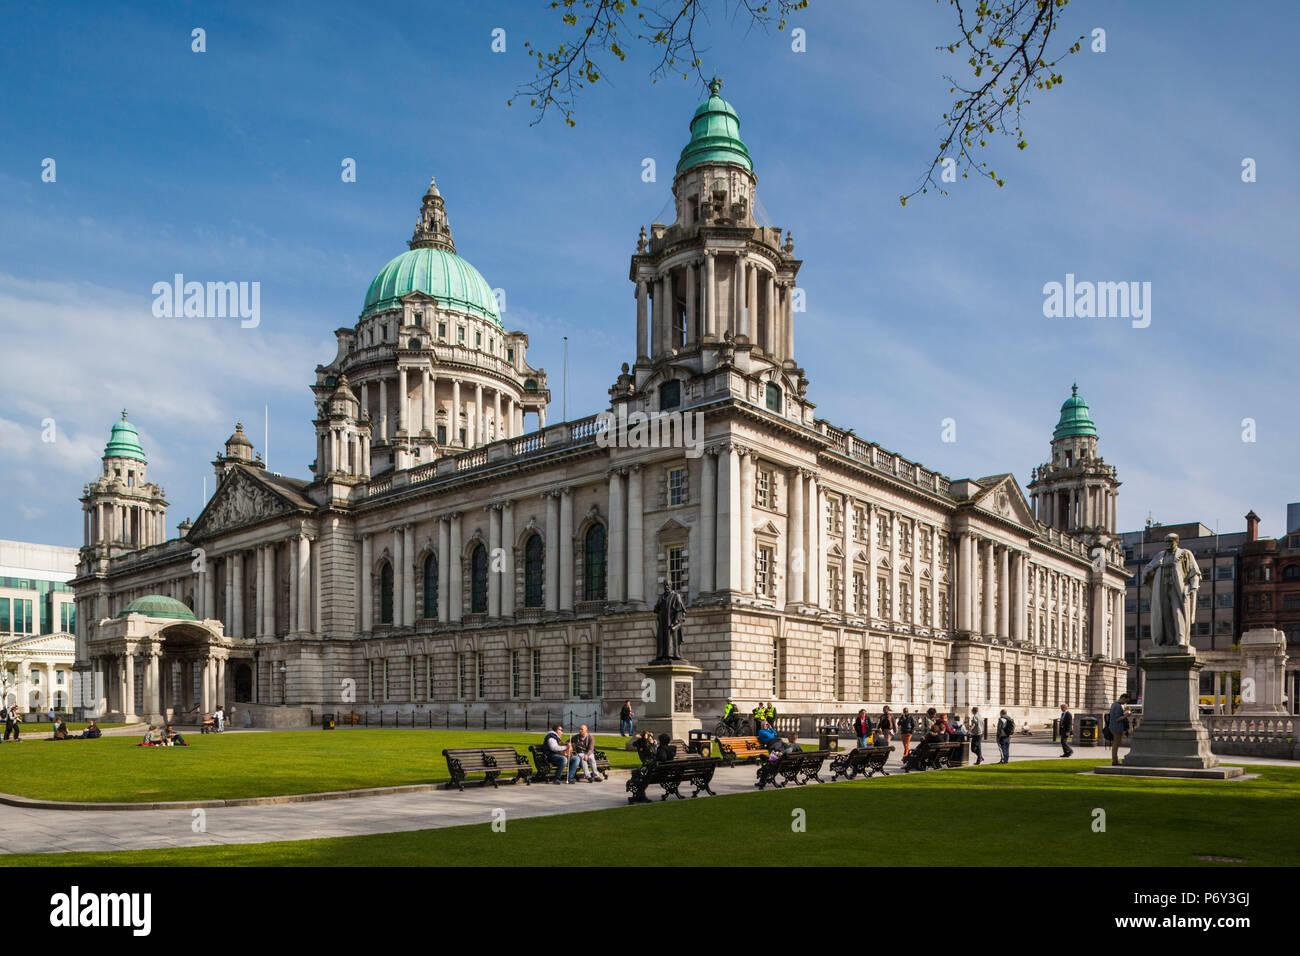 UK, Northern Ireland, Belfast, Belfast City Hall, exterior - Stock Image